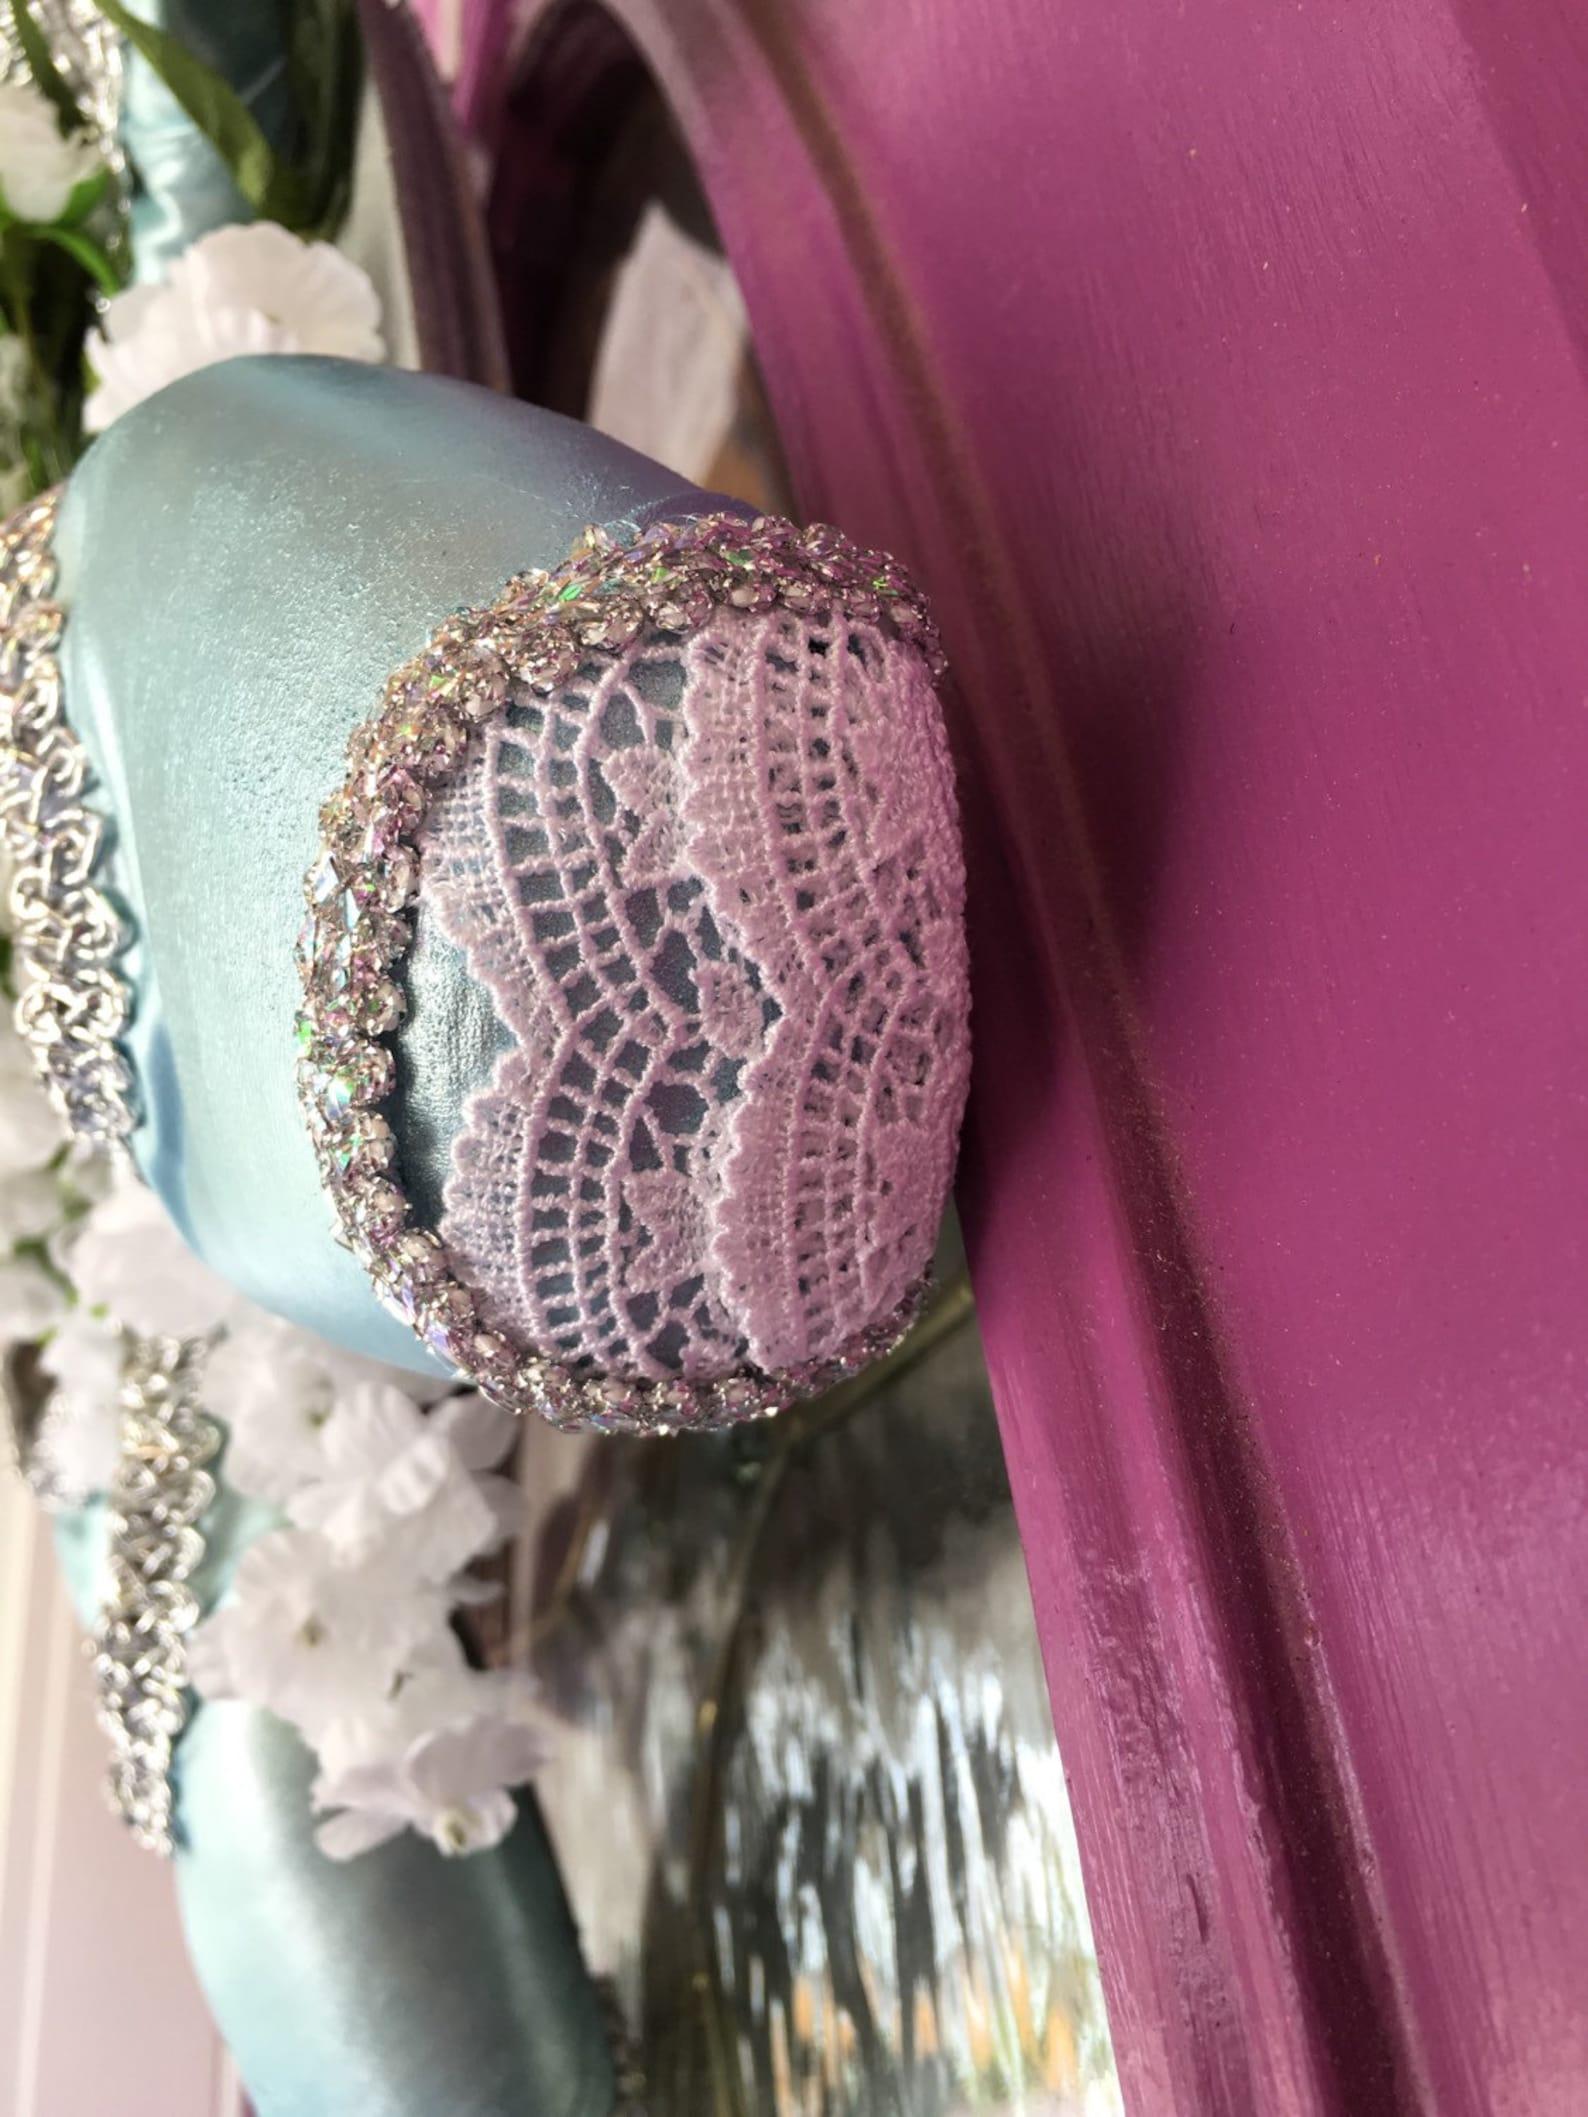 made to order decorative- ballet dance keepsake-wedding-ballerina birthday. centerpiece! gift!